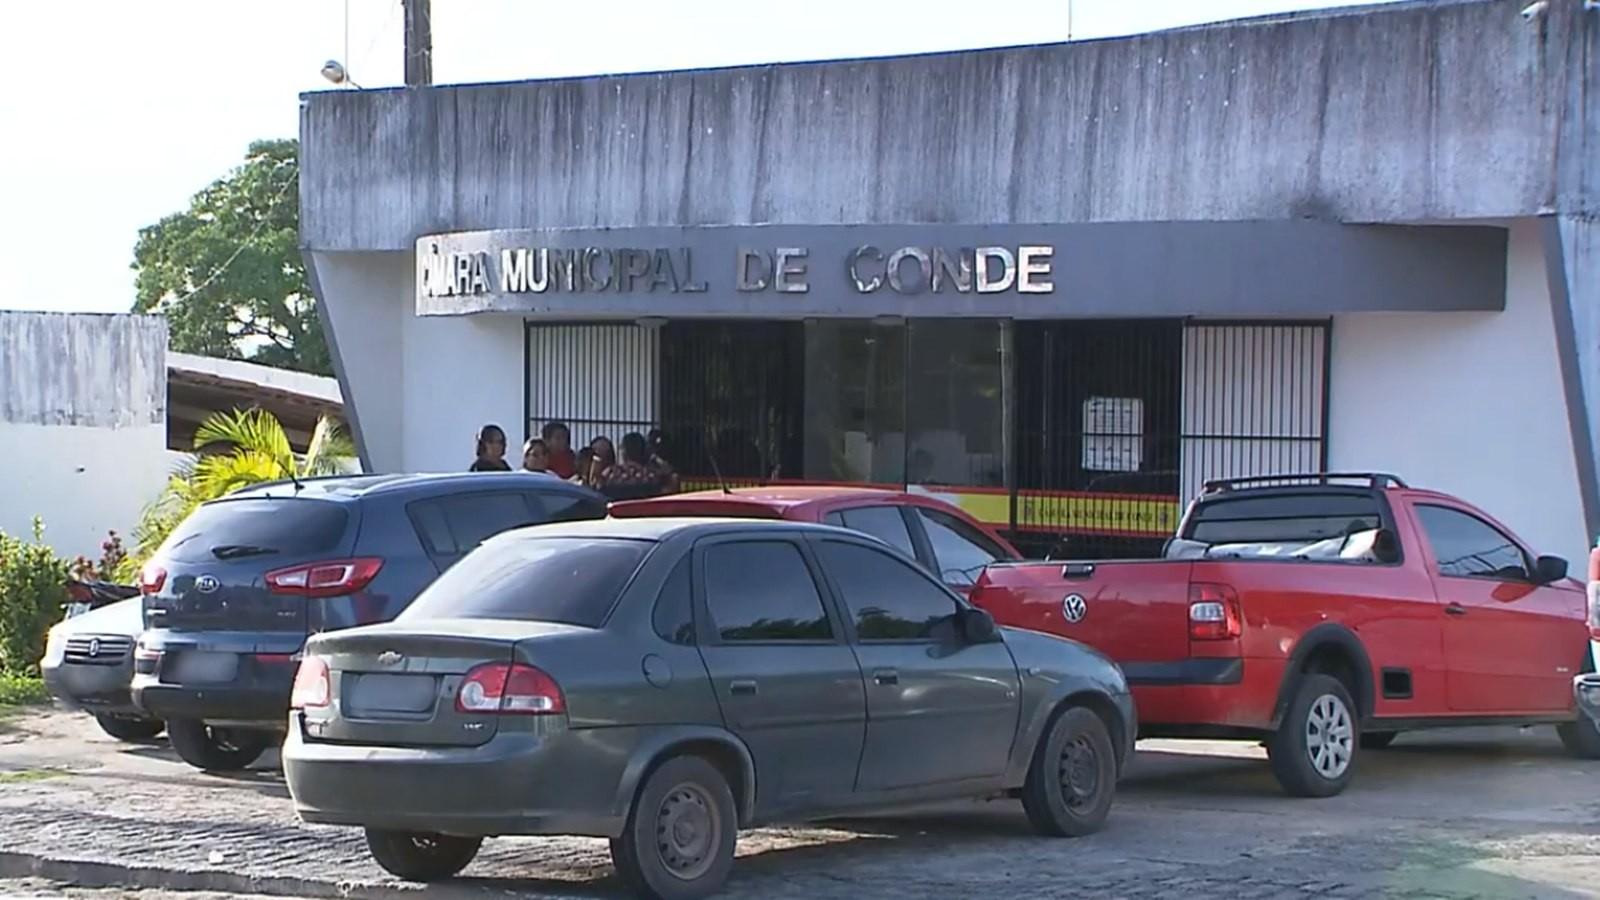 Polícia investiga mais um vereador suspeito de corrupção na Câmara do Conde, PB